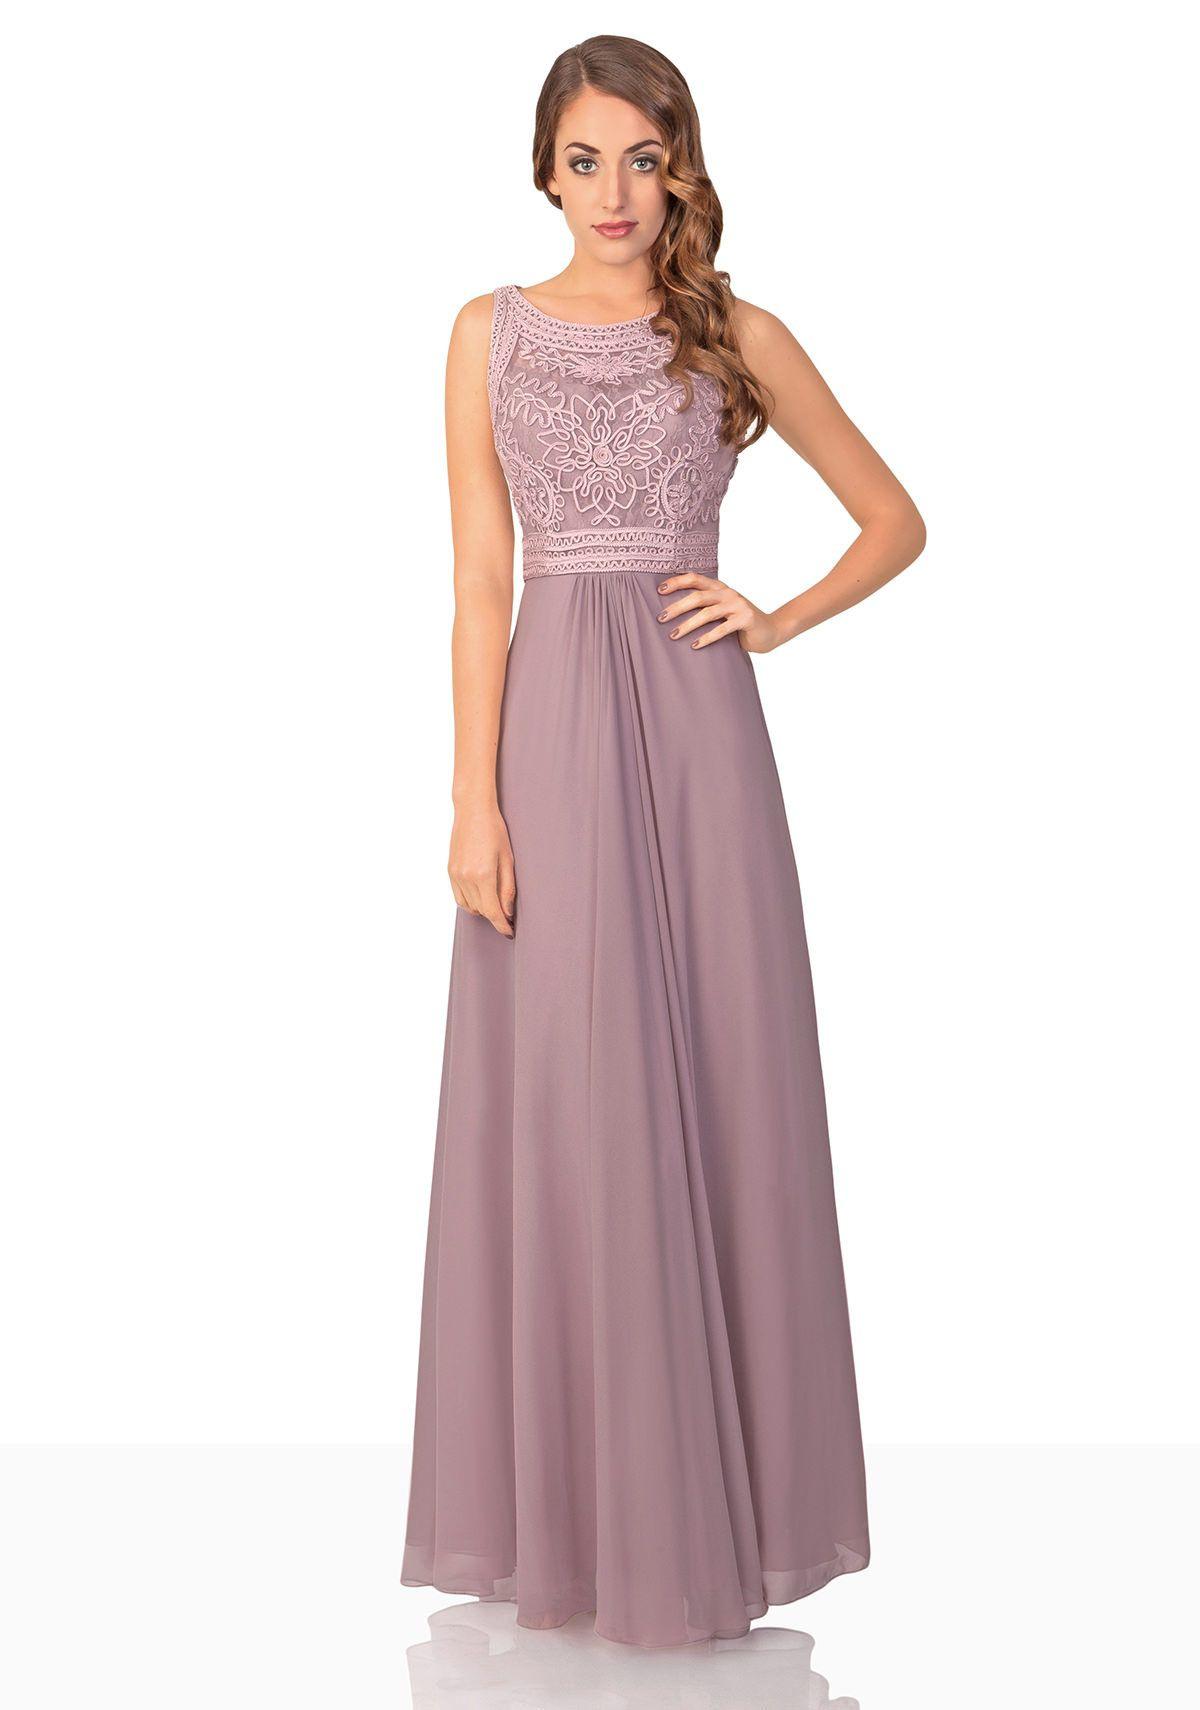 17 Wunderbar Abendkleid Altrosa VertriebFormal Wunderbar Abendkleid Altrosa Bester Preis